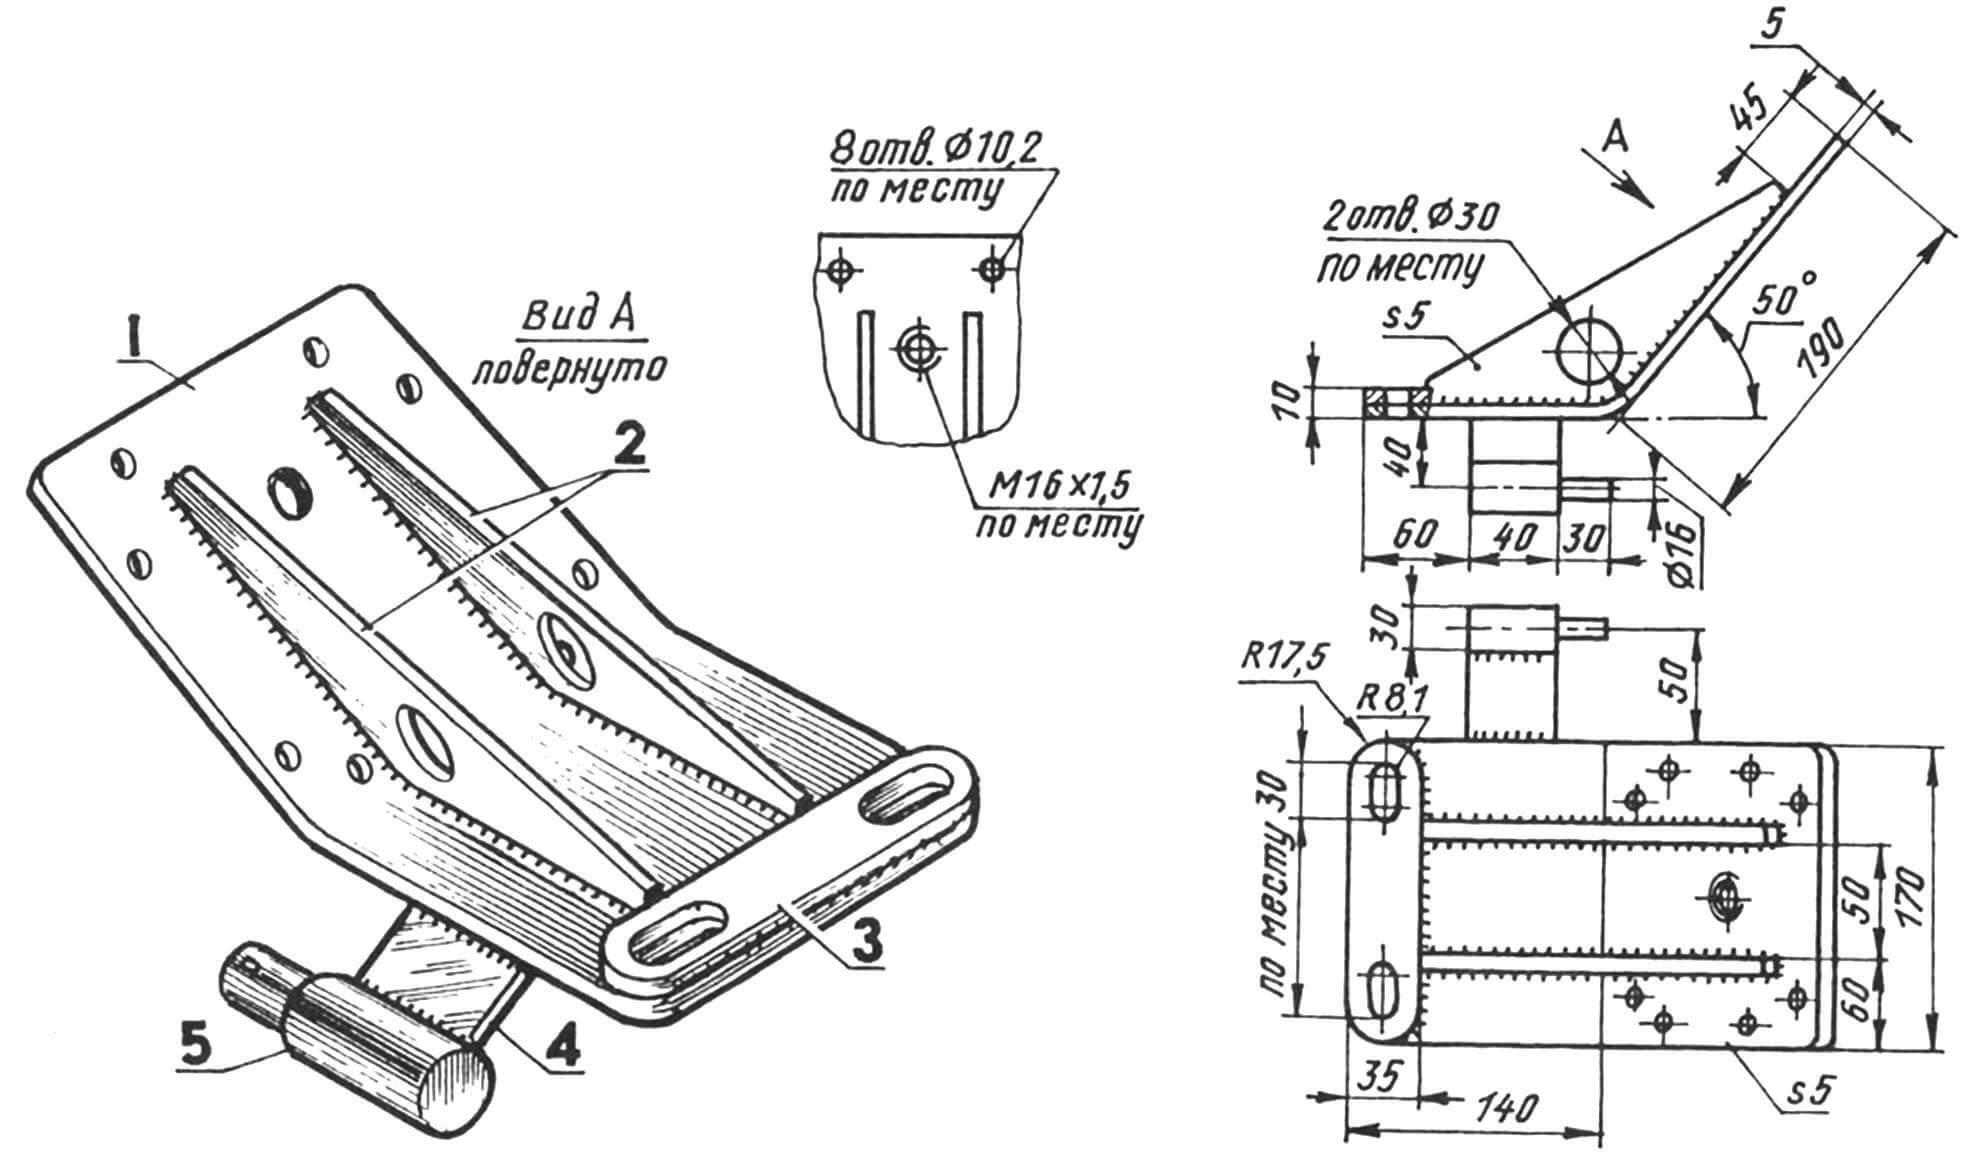 Правый кронштейн крепления раздаточной коробки к раме